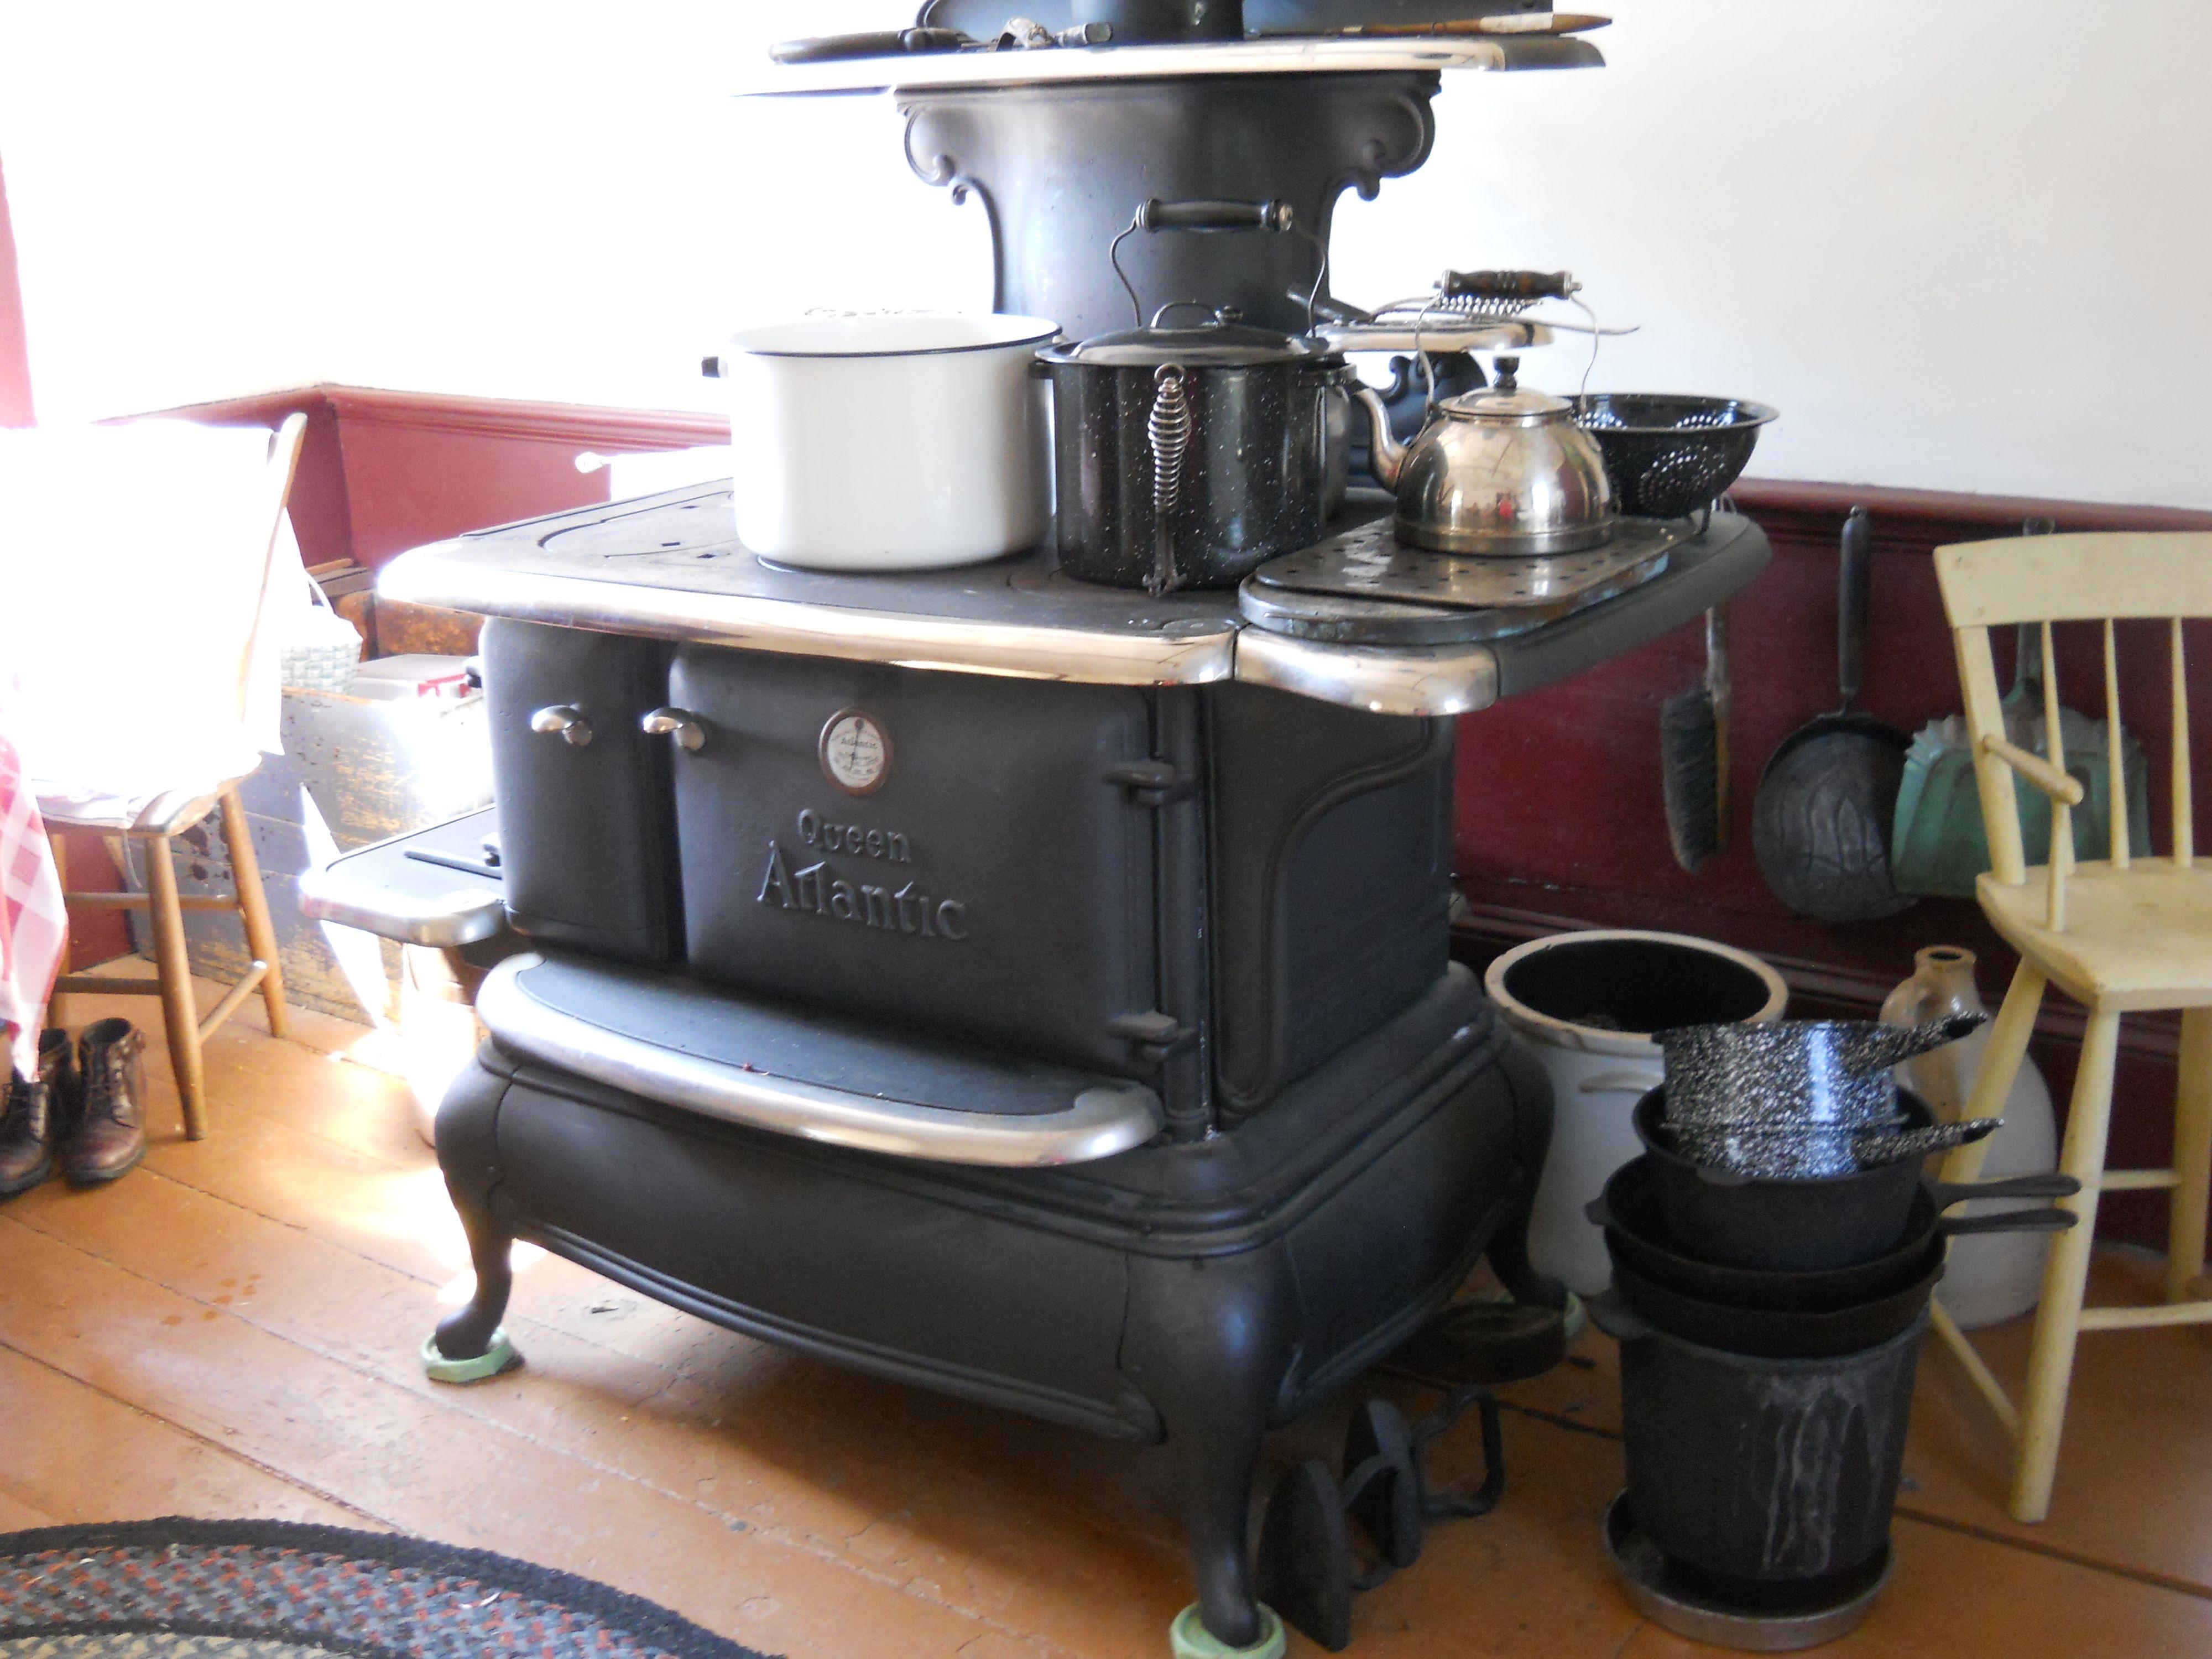 queen atlantic cooking stove in olden day home s